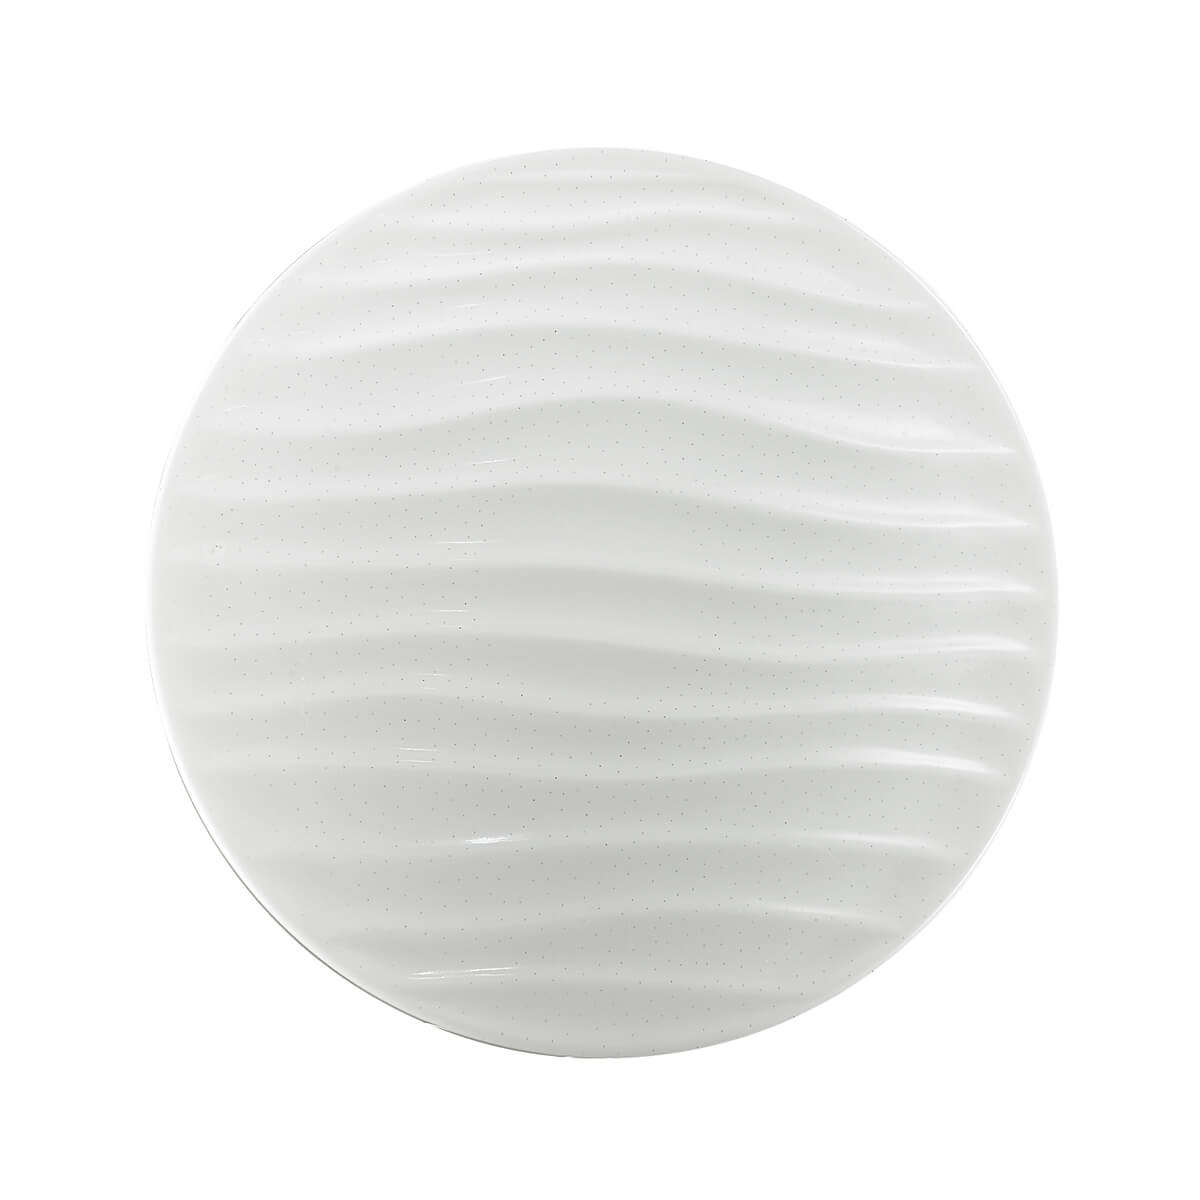 Светильник Sonex 2040/DL потолочный светодиодный светильник sonex 2058 dl